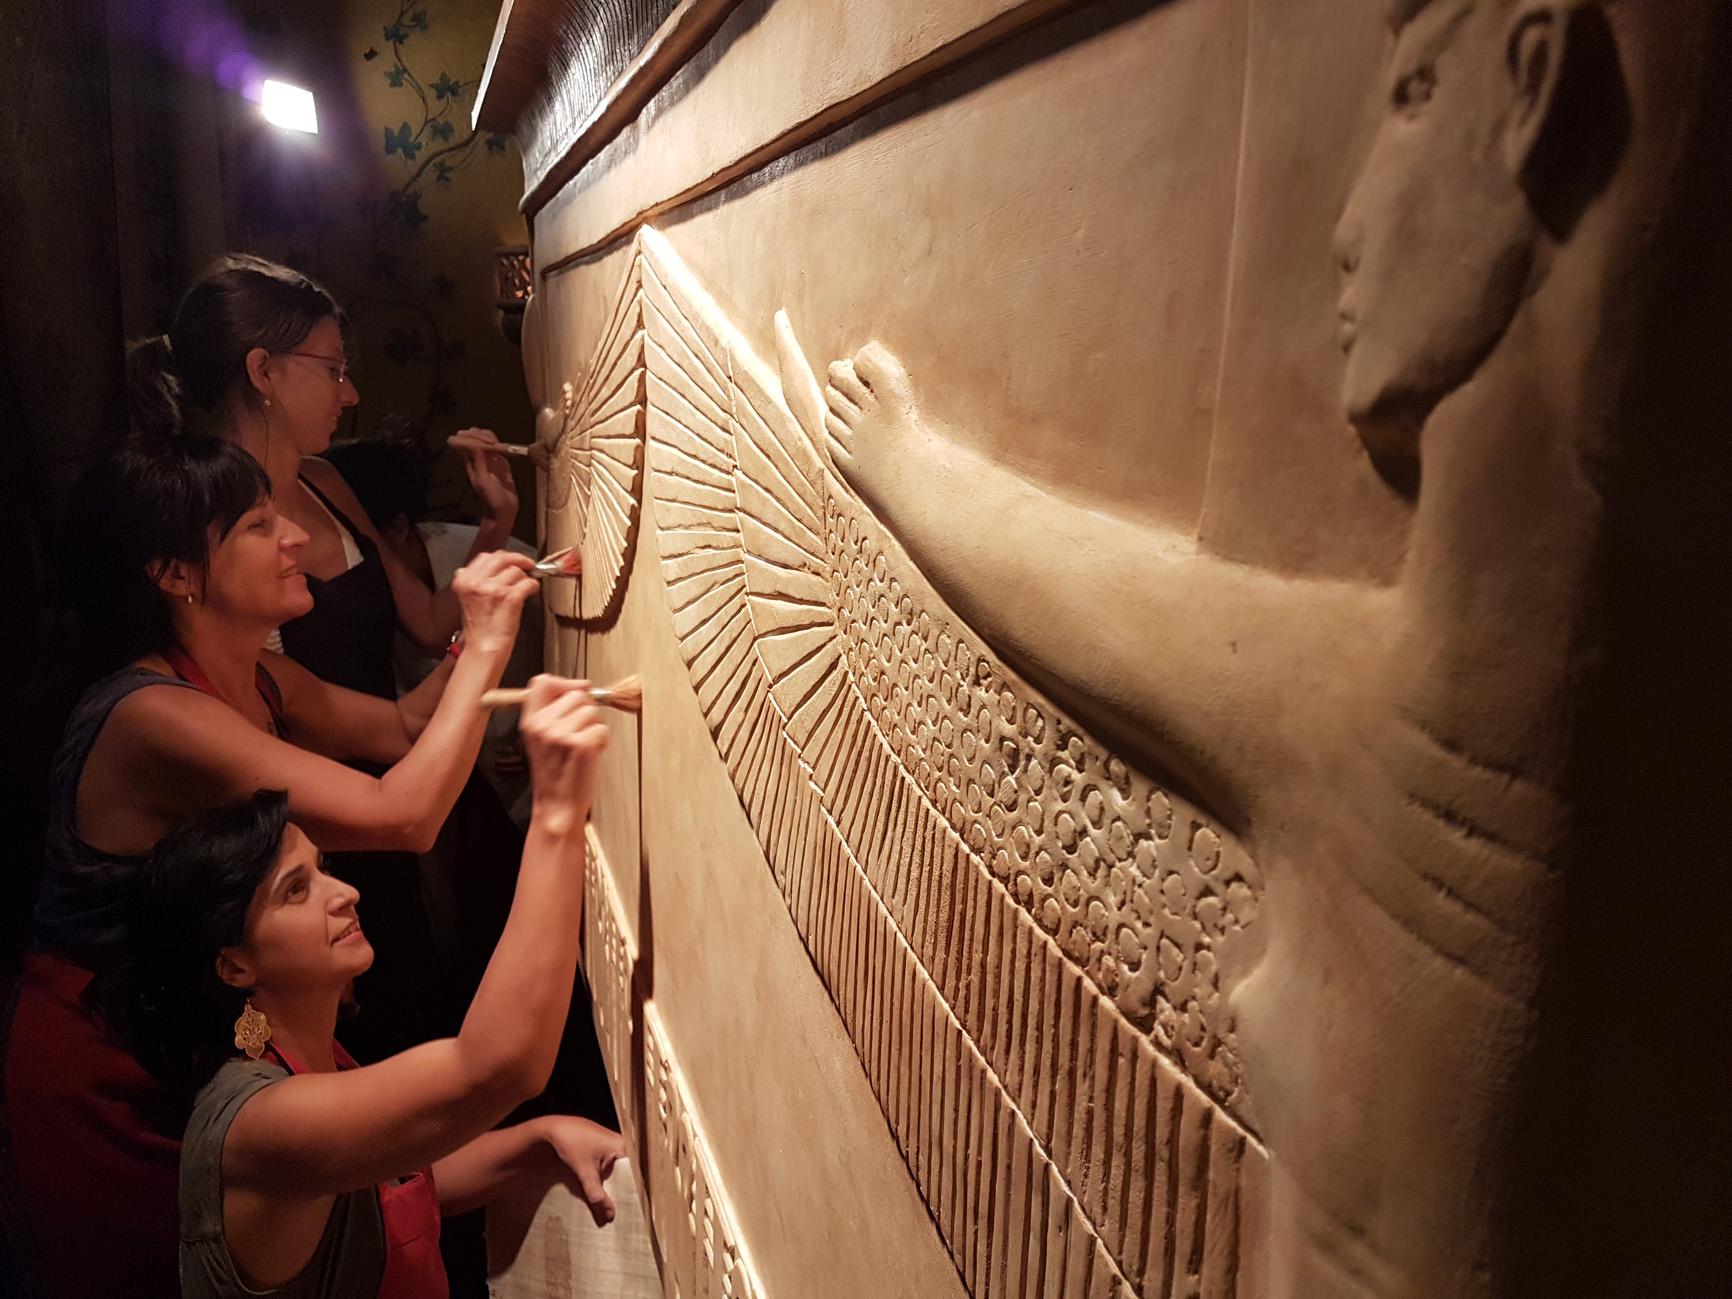 Fundación Sophia amplía sus exposiciones de cara al 100 aniversario del descubrimiento de la Tumba de Tutankhamón. El 4 de noviembre de 1922, el arqueólogo y egiptólogo Howard Carter descubrió la tumba intacta de uno de los faraones de la dinastía XVIII del Antiguo Egipto.